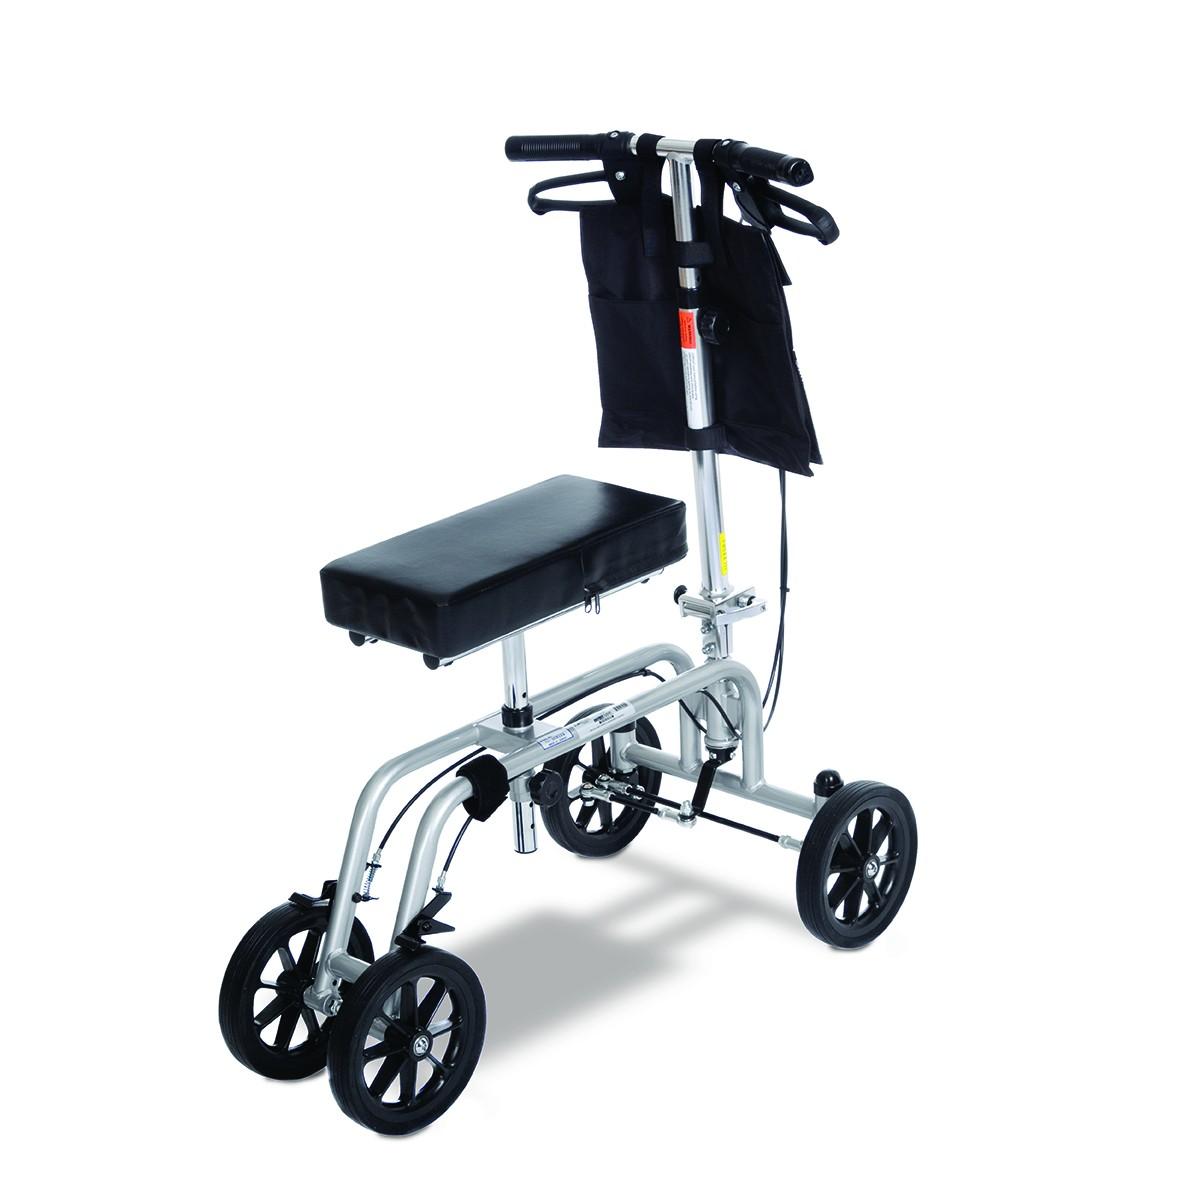 Standard Folding Knee Walker Rental